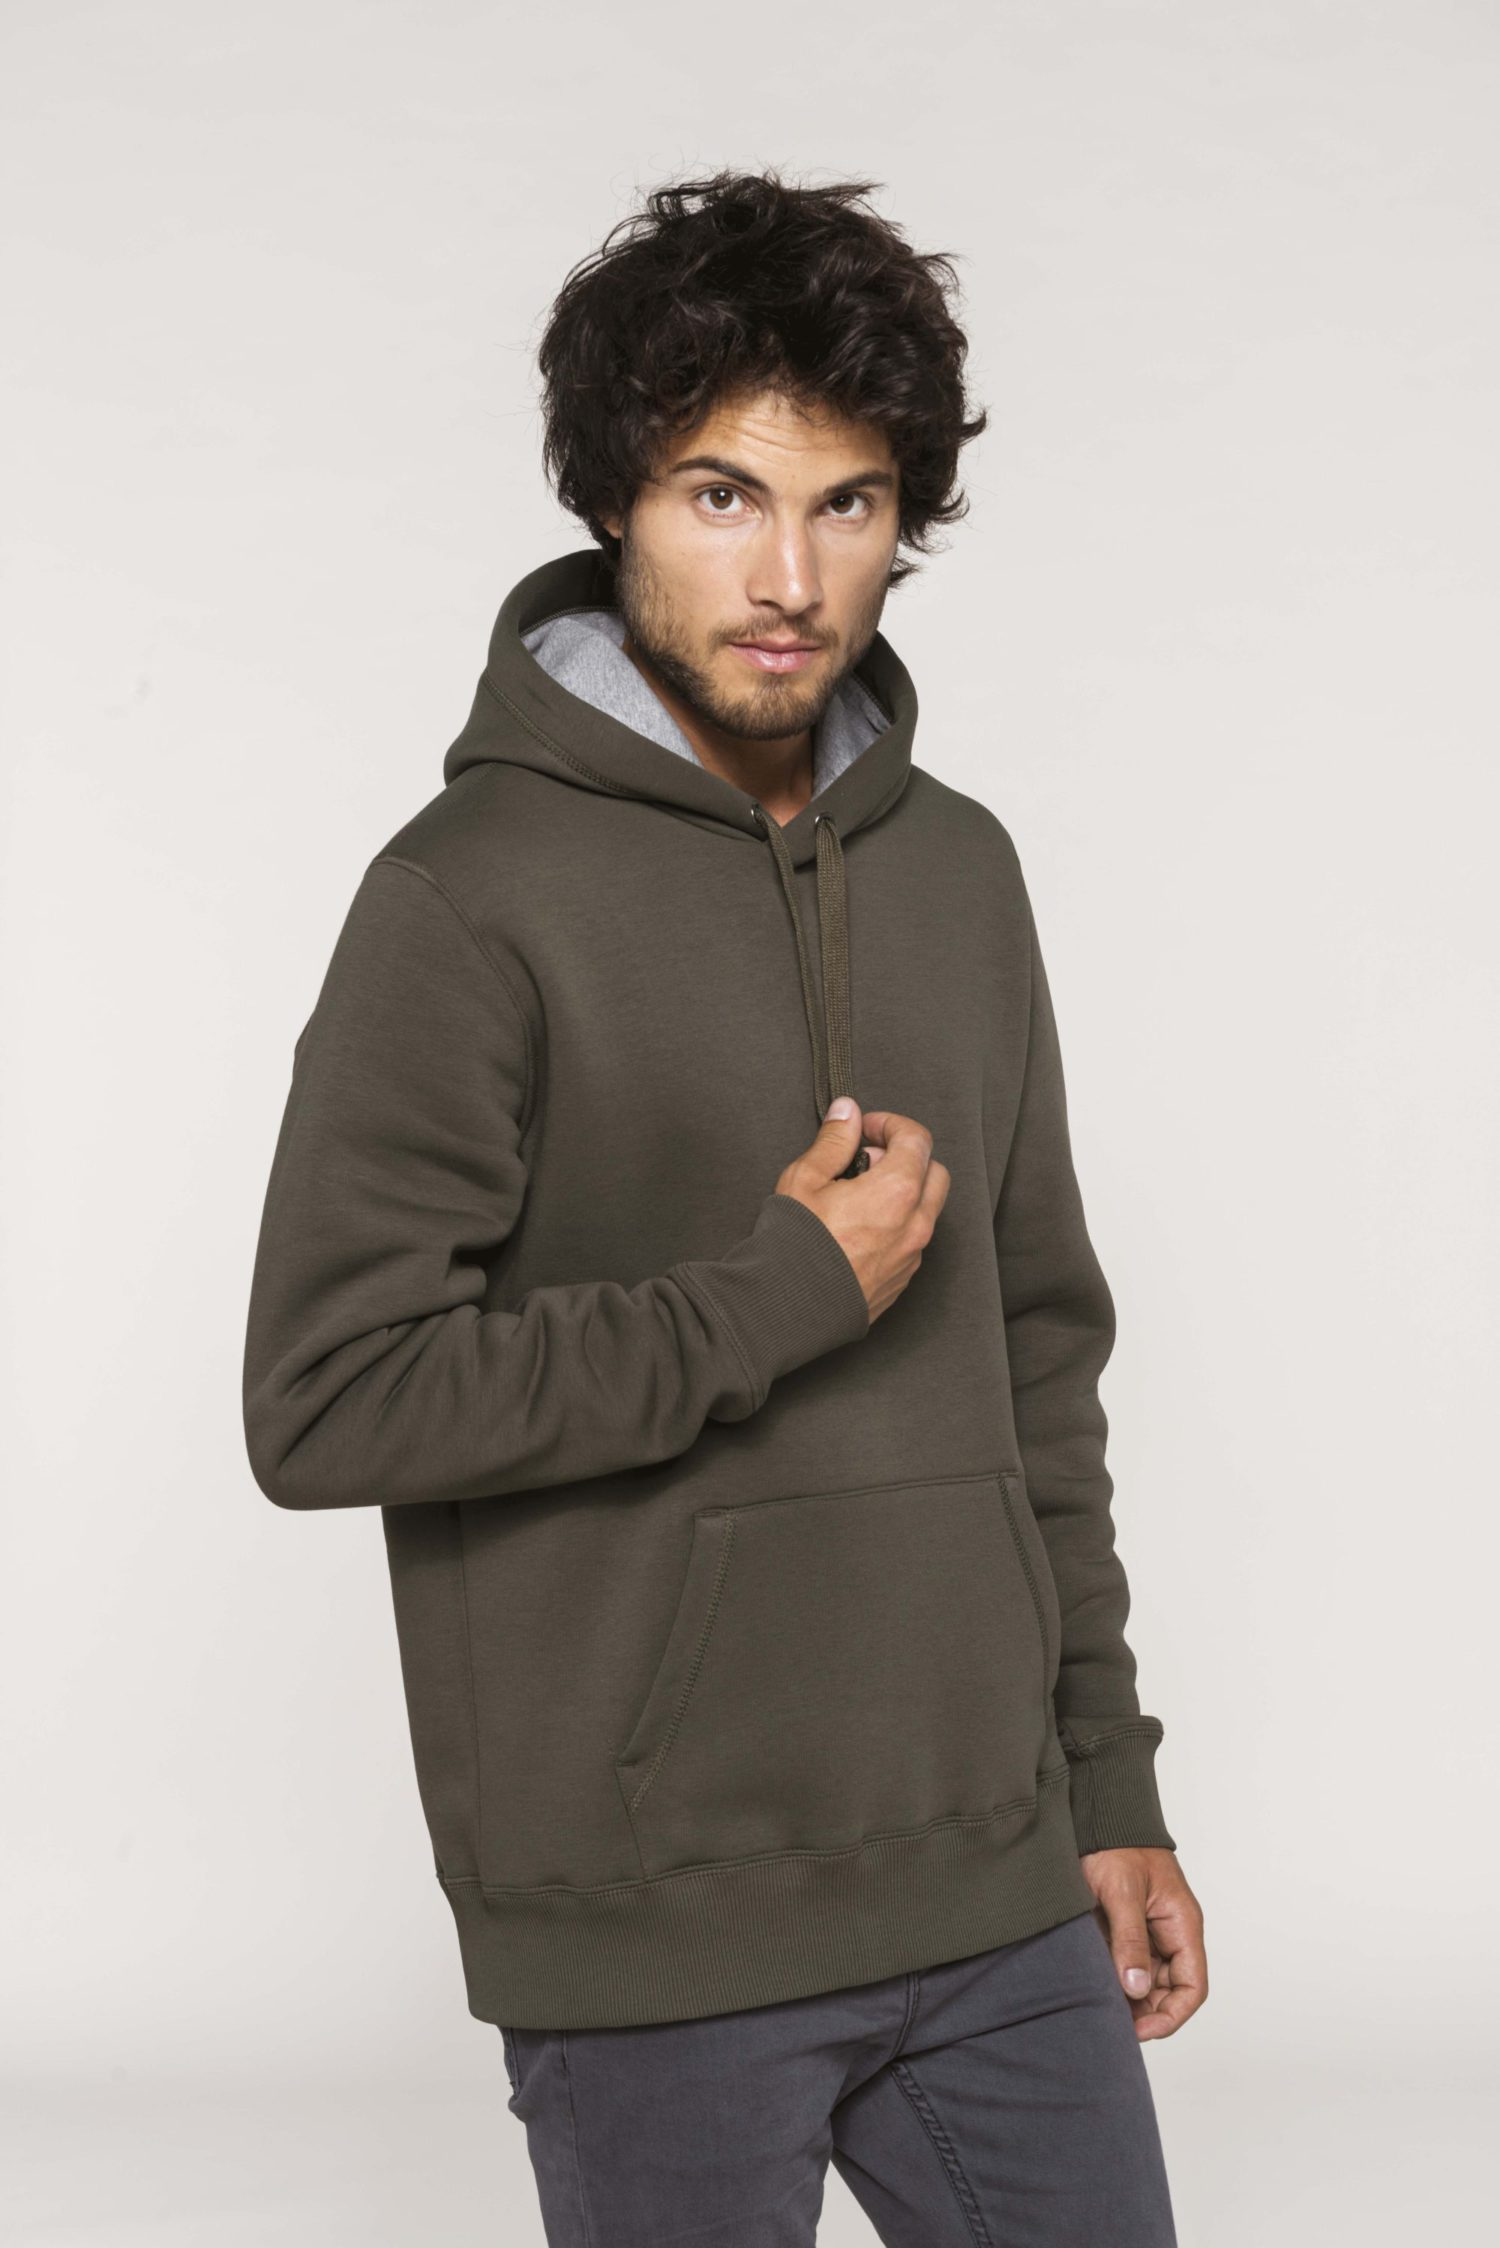 K443 Hooded Sweatshirt PAS Print Kariban